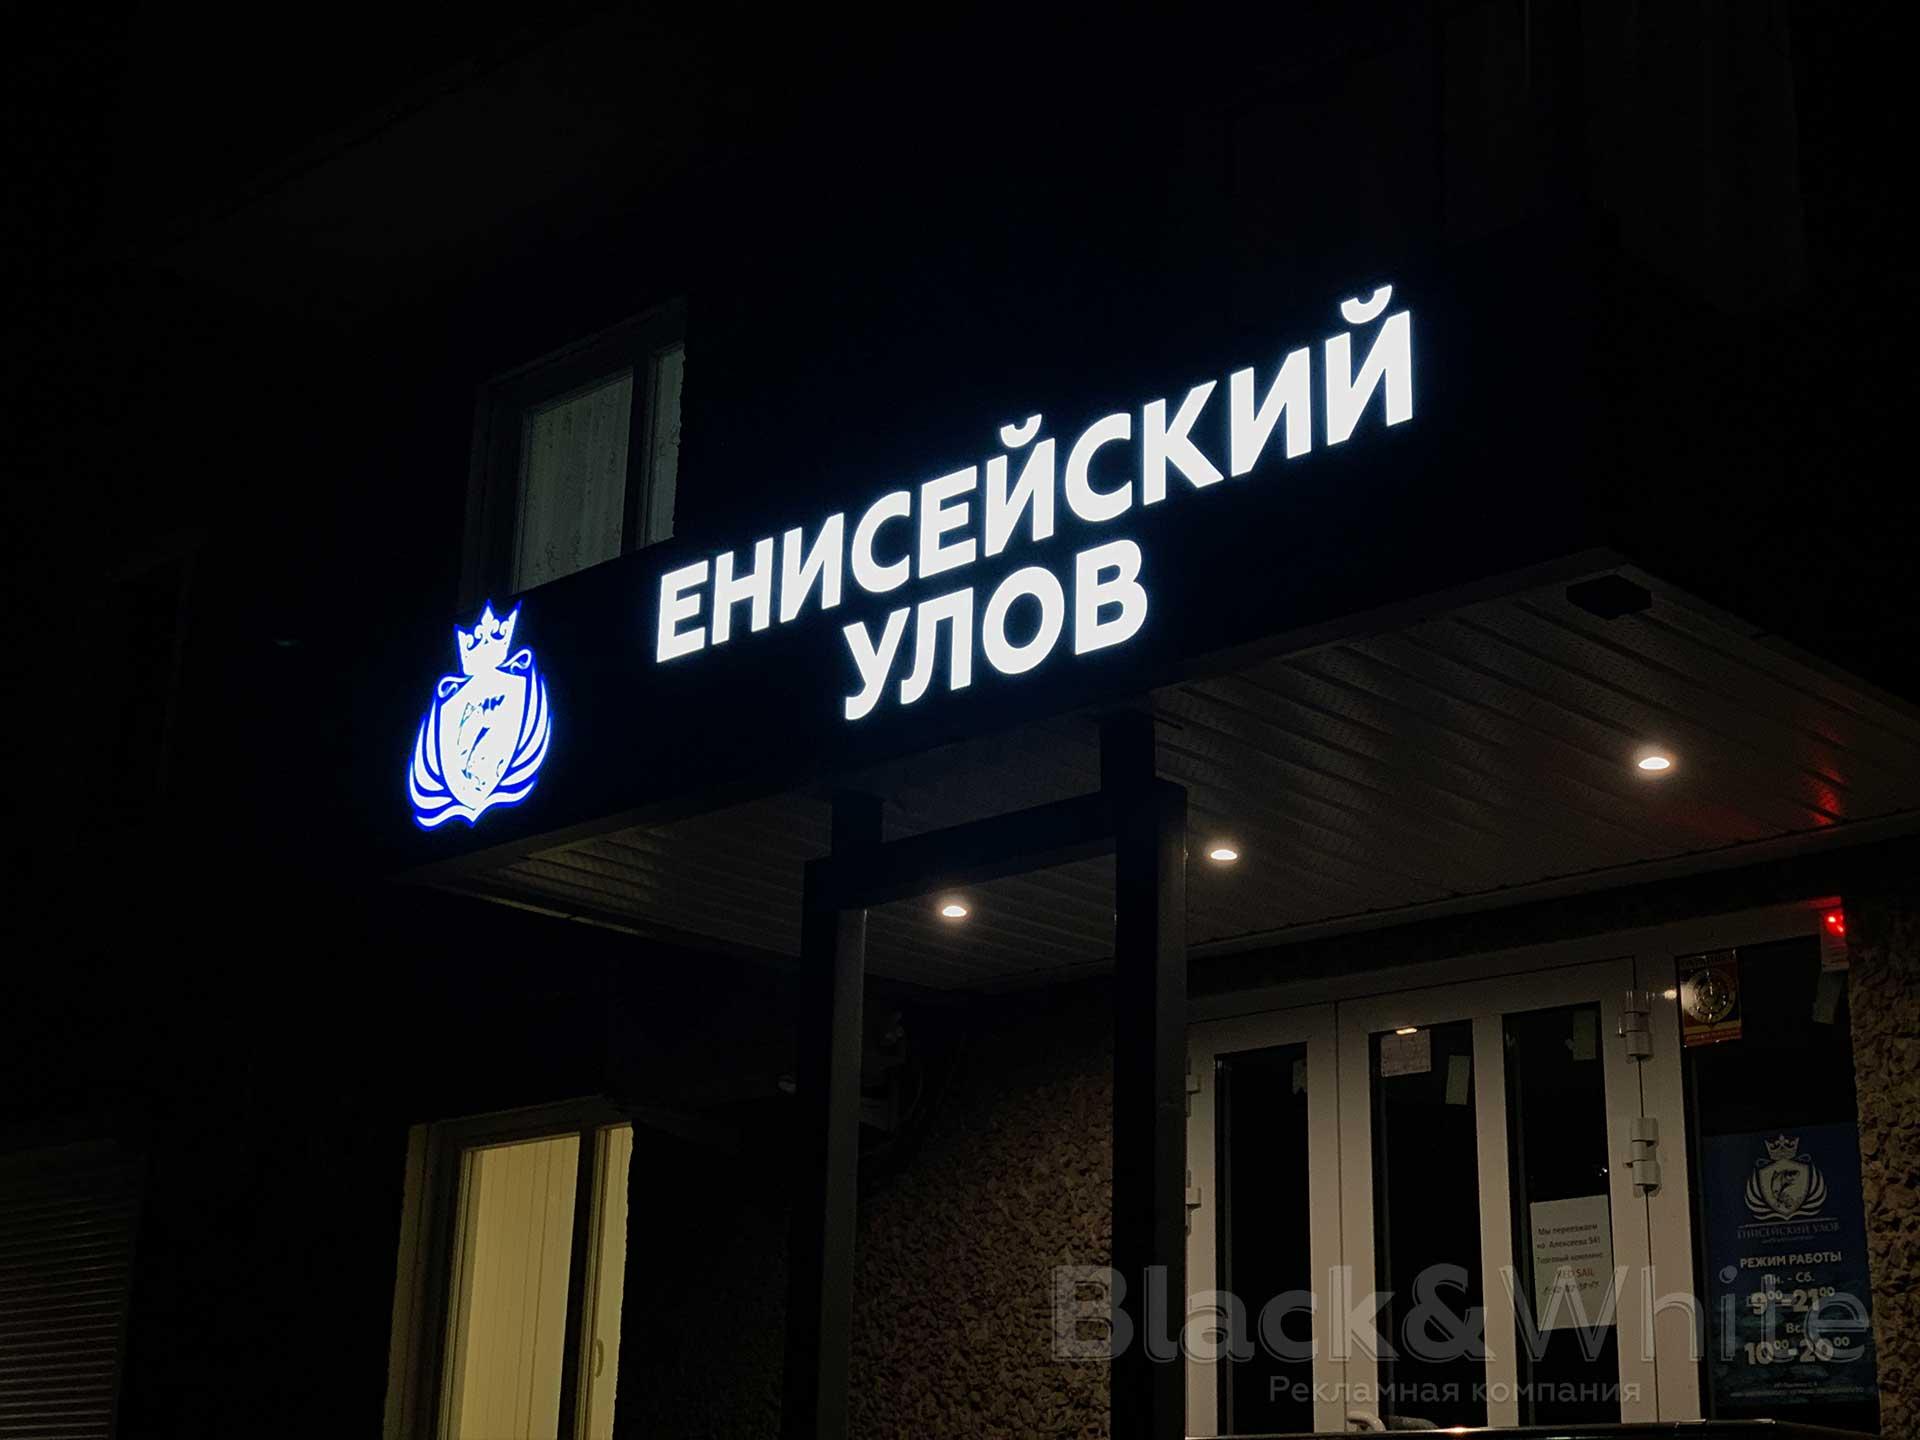 Световой-короб-из-композита-объёмный-световой-логотип-сложной-формы-световая-вывеская-для-магазина-продуктов....jpg